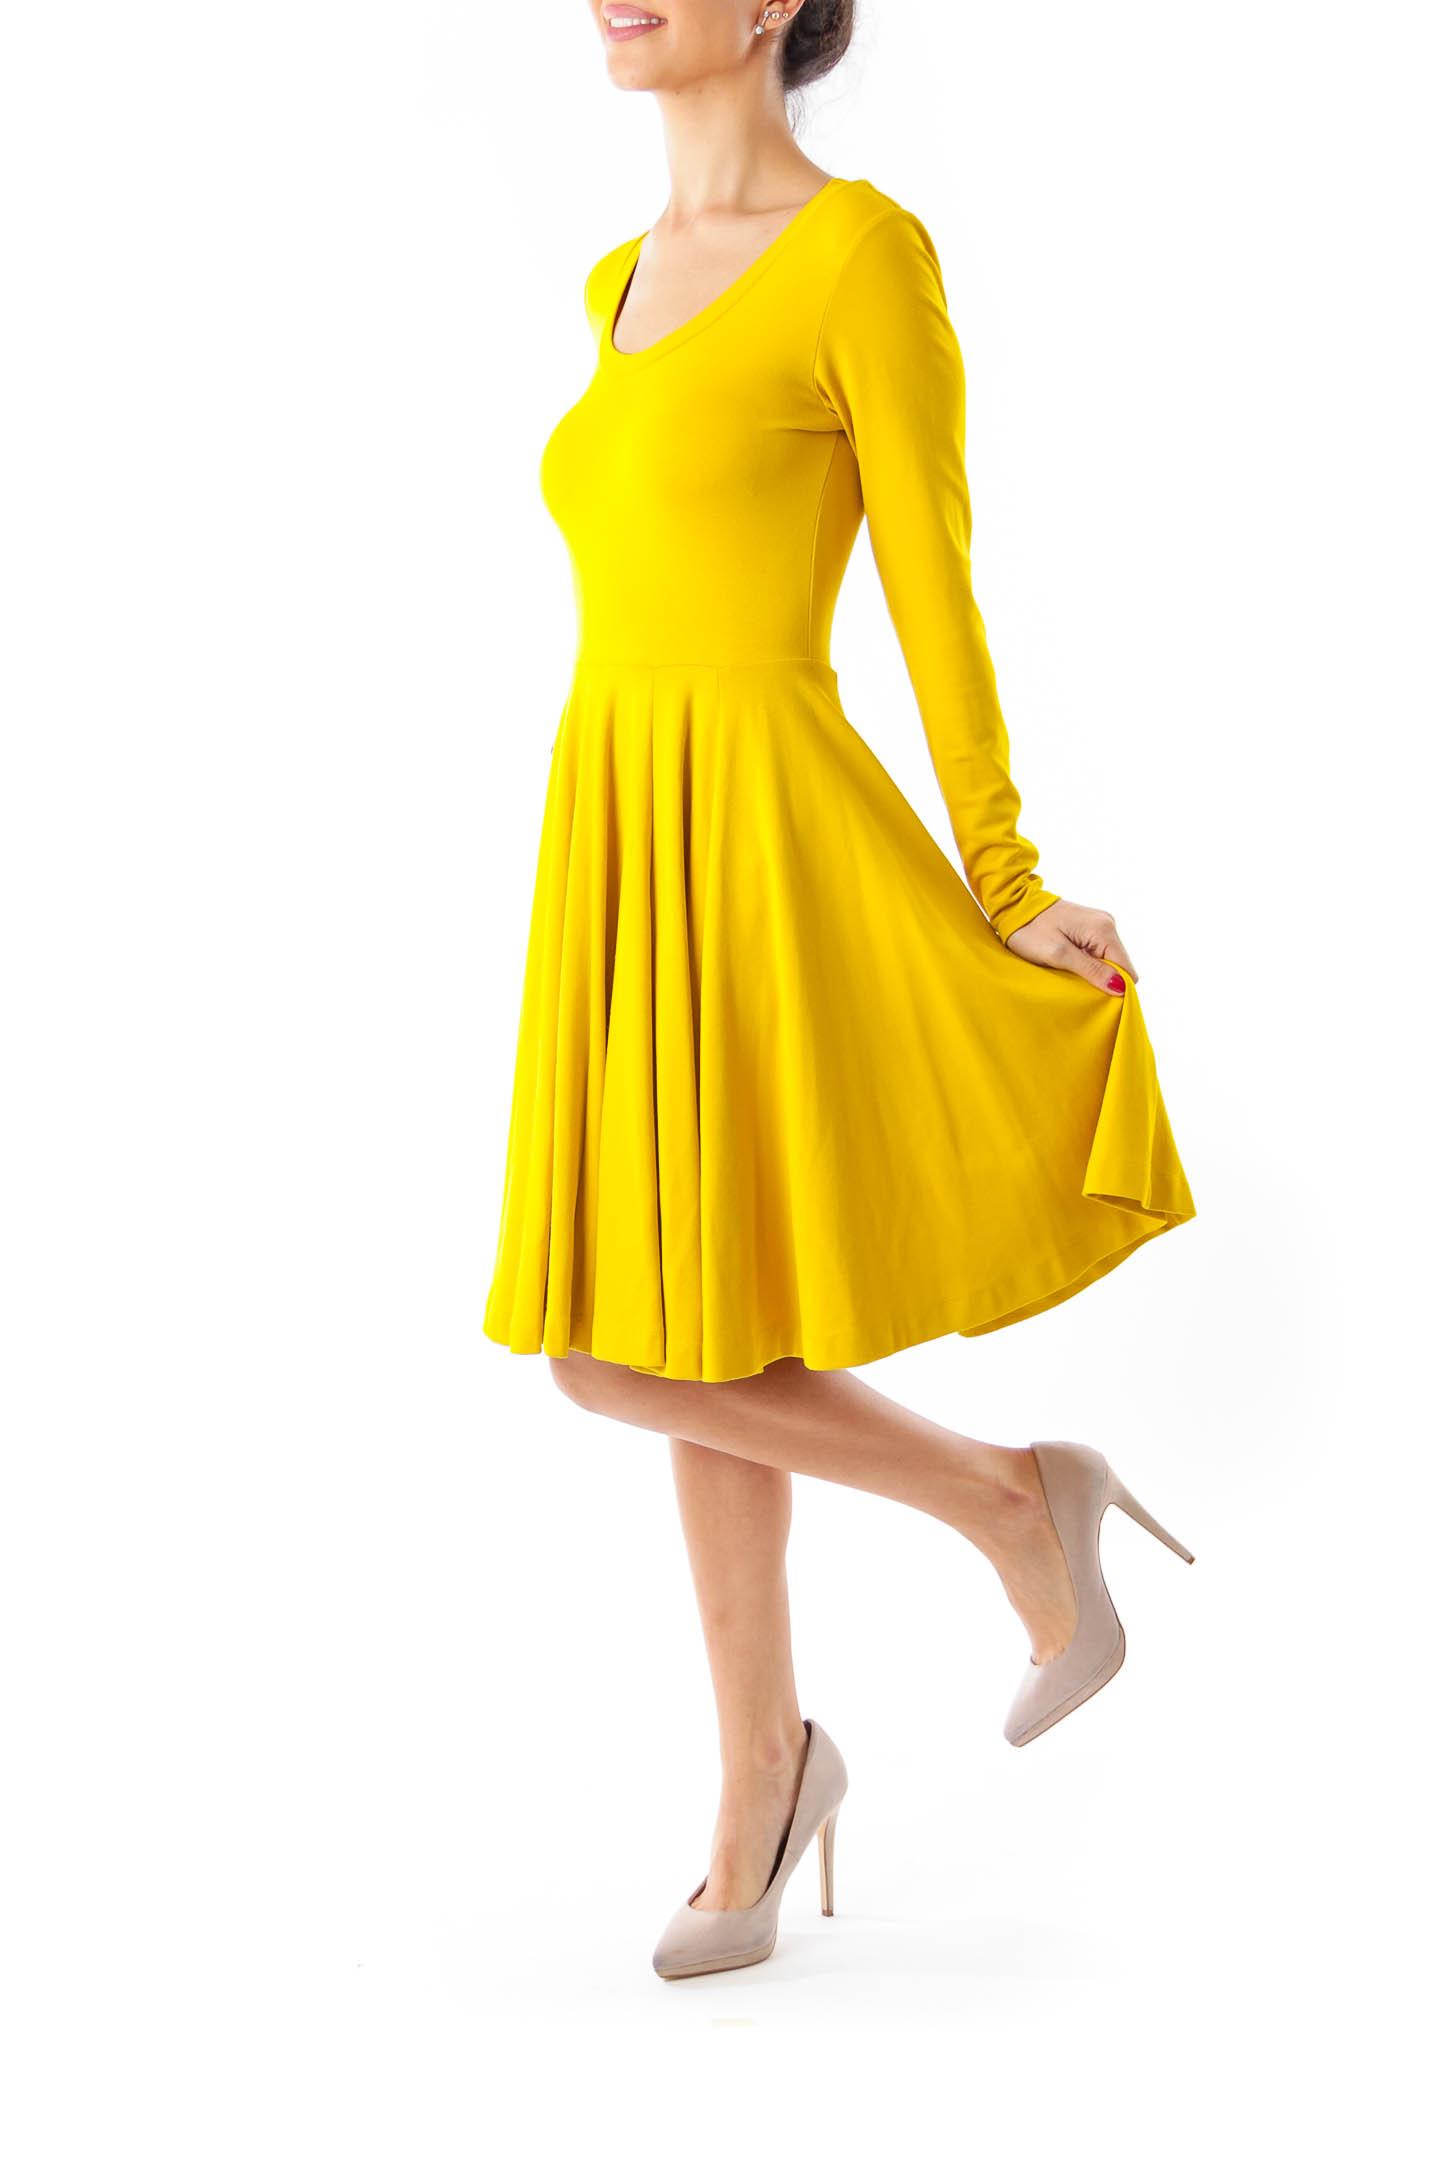 Mustard Yellow Flared Jersey Dress